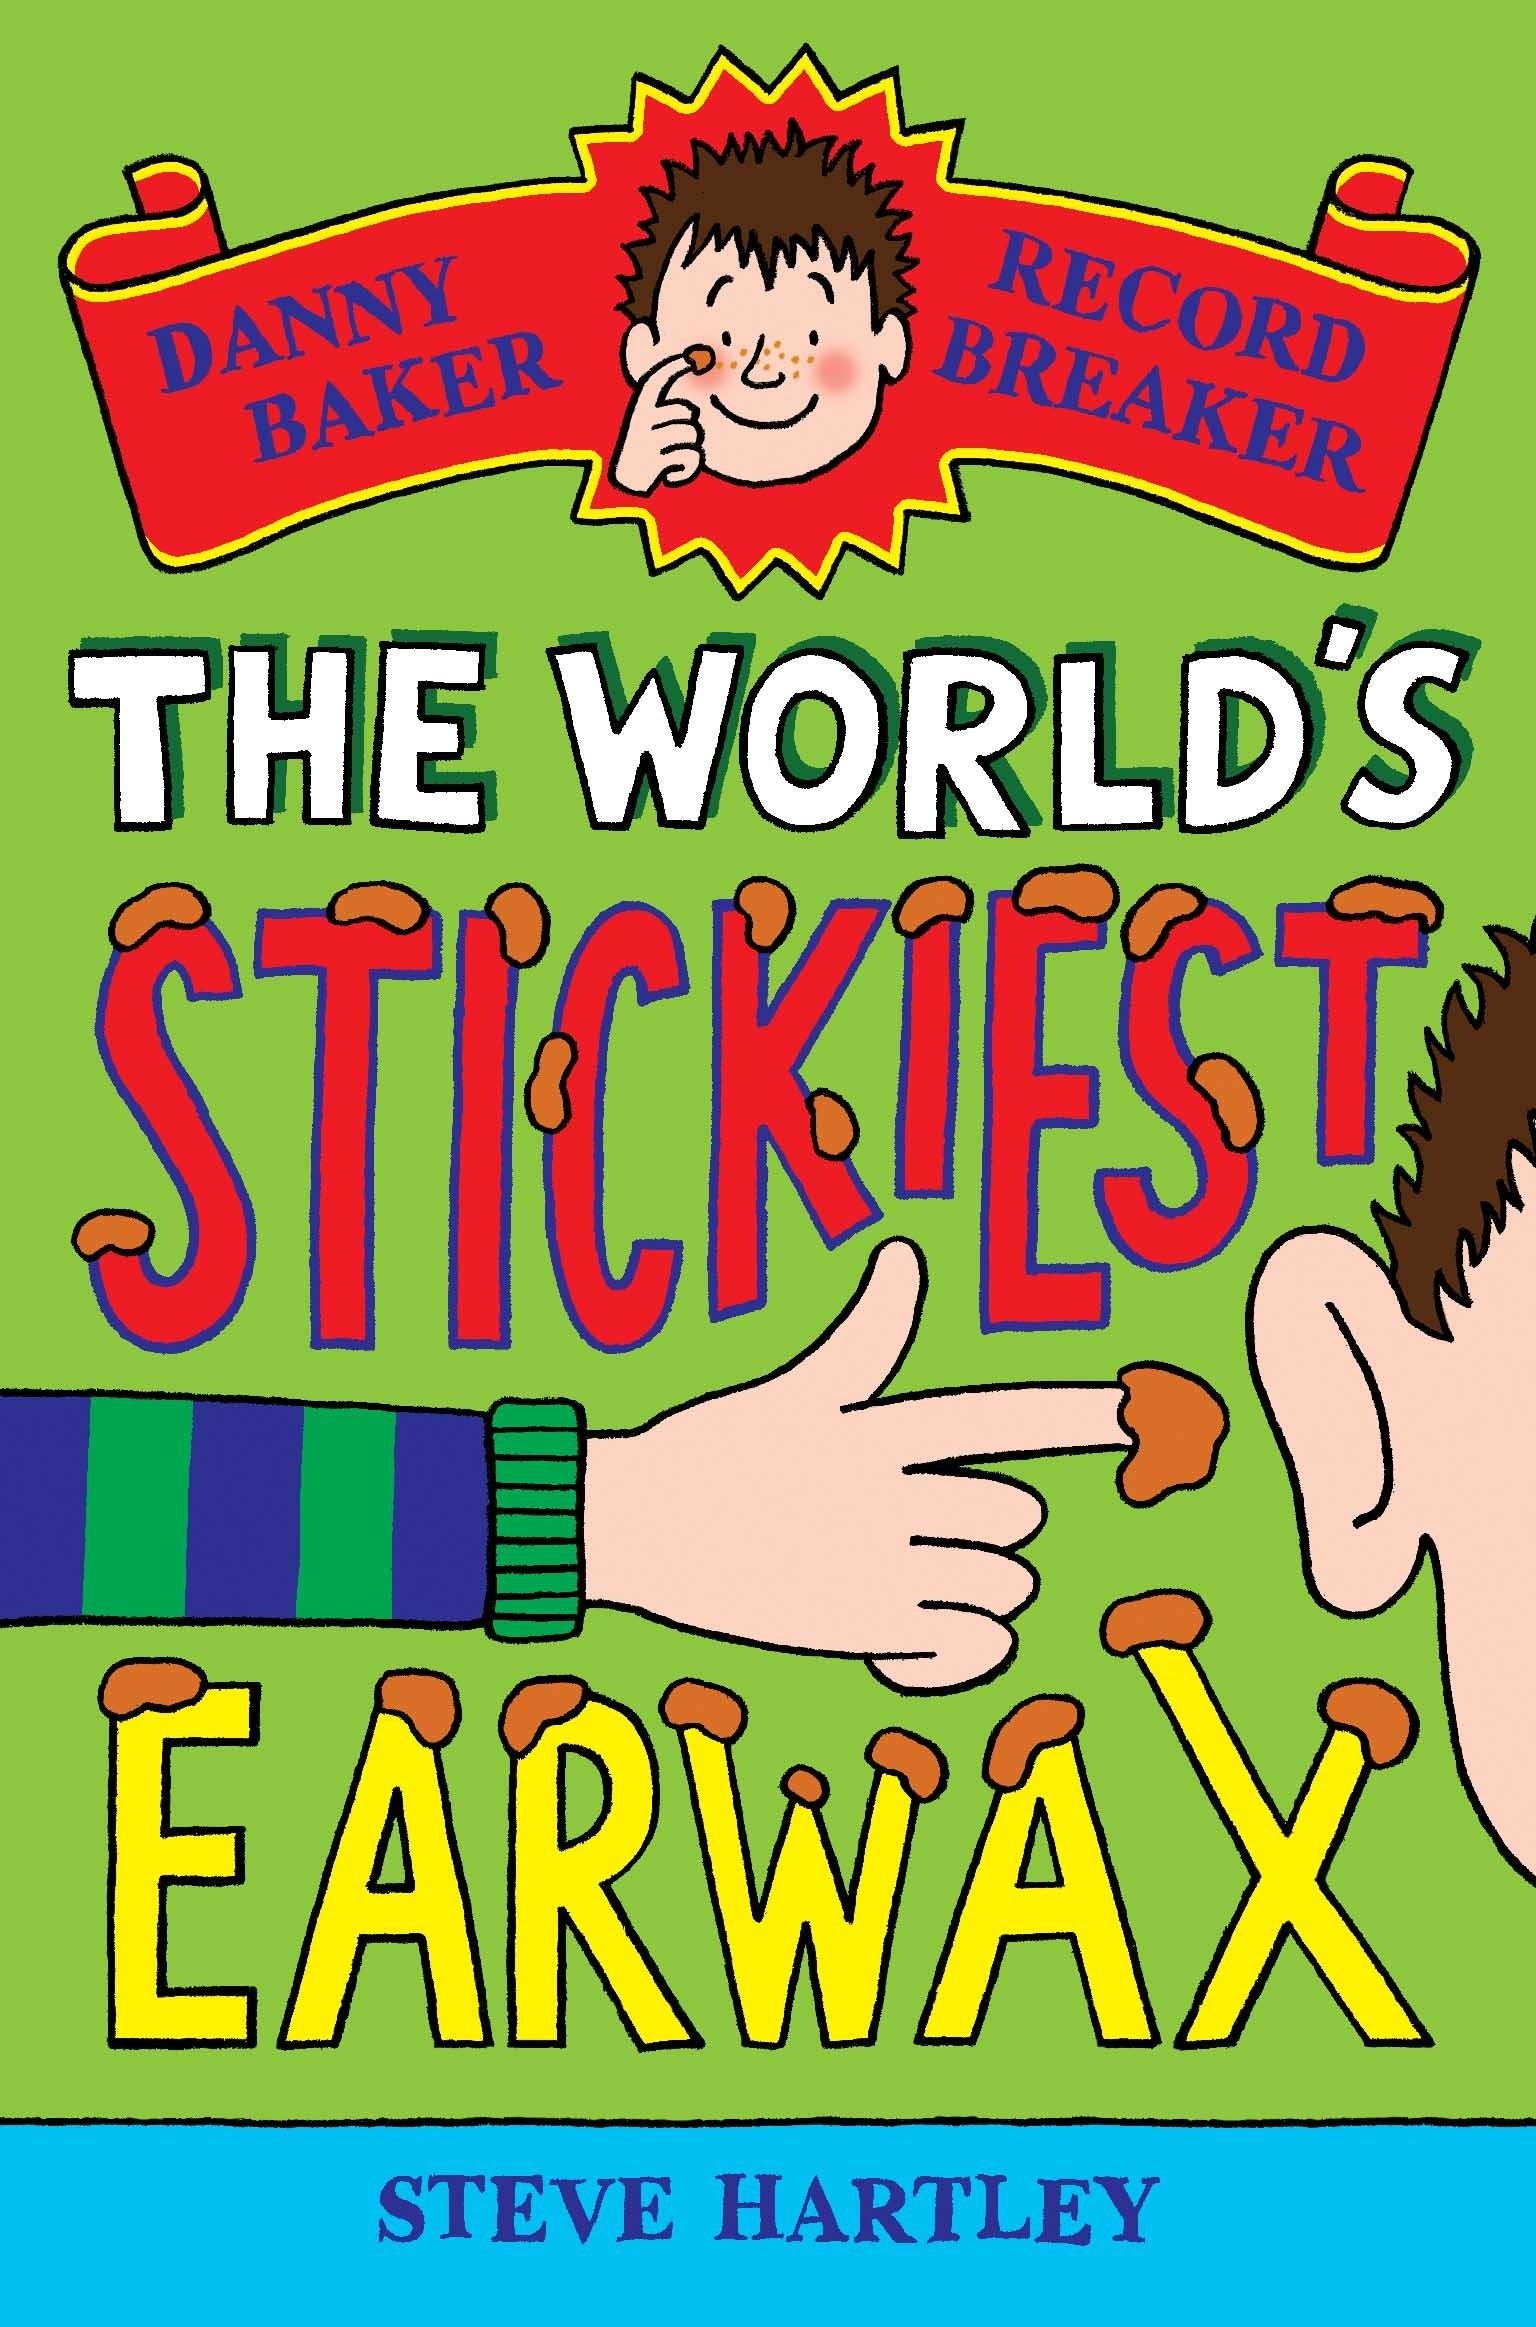 The World's Stickiest Earwax (Danny Baker Record Breaker) PDF